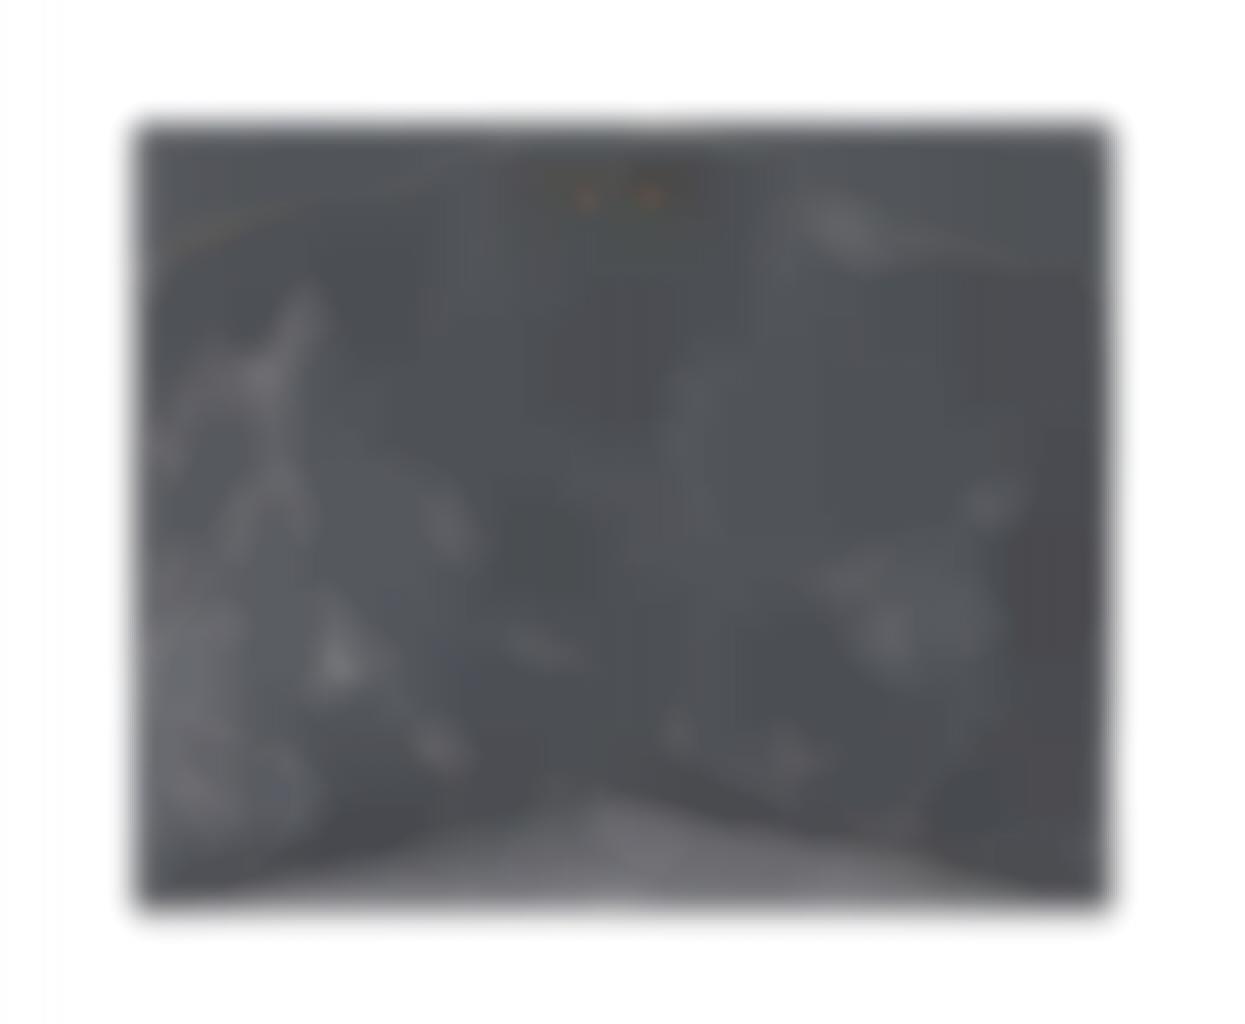 Antoni Tapies-Formes simetriques de relleu gris (Symmetrical Forms of Grey Relief)-1960